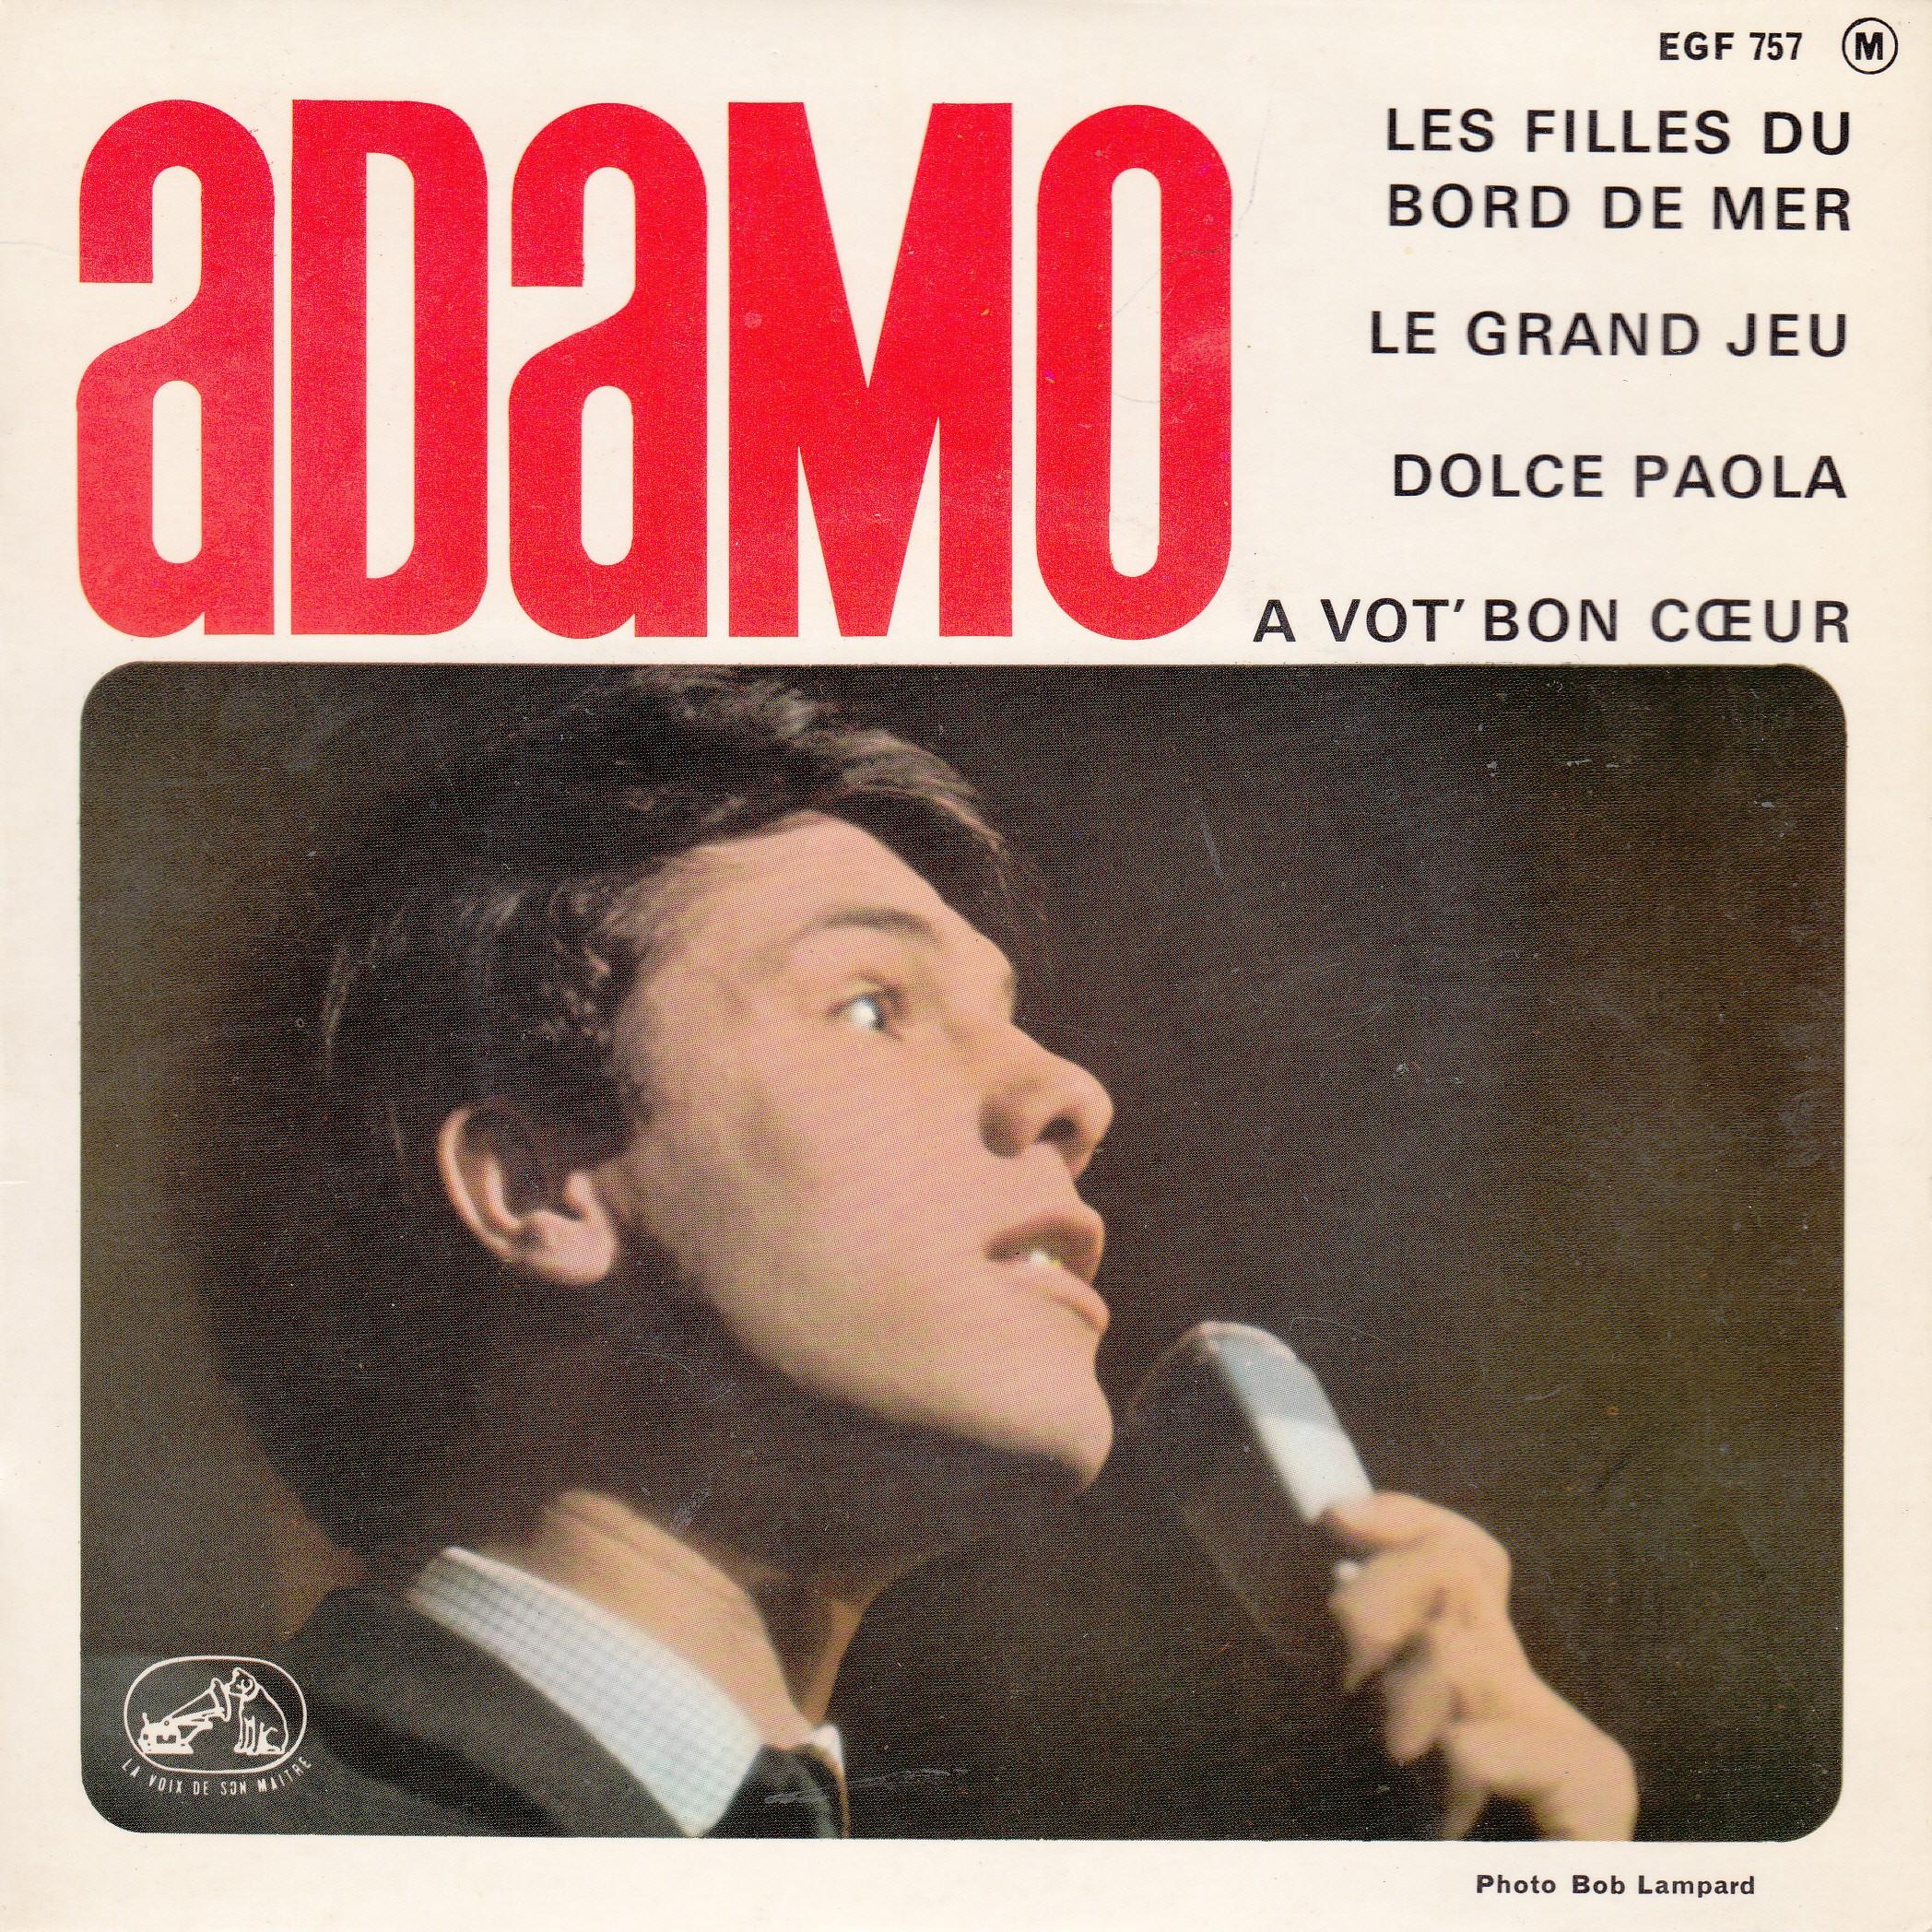 Adamo - Les Filles Du Bord De Mer/le Grand Jeu/dolce Paola/a Vot Bon C Ceur